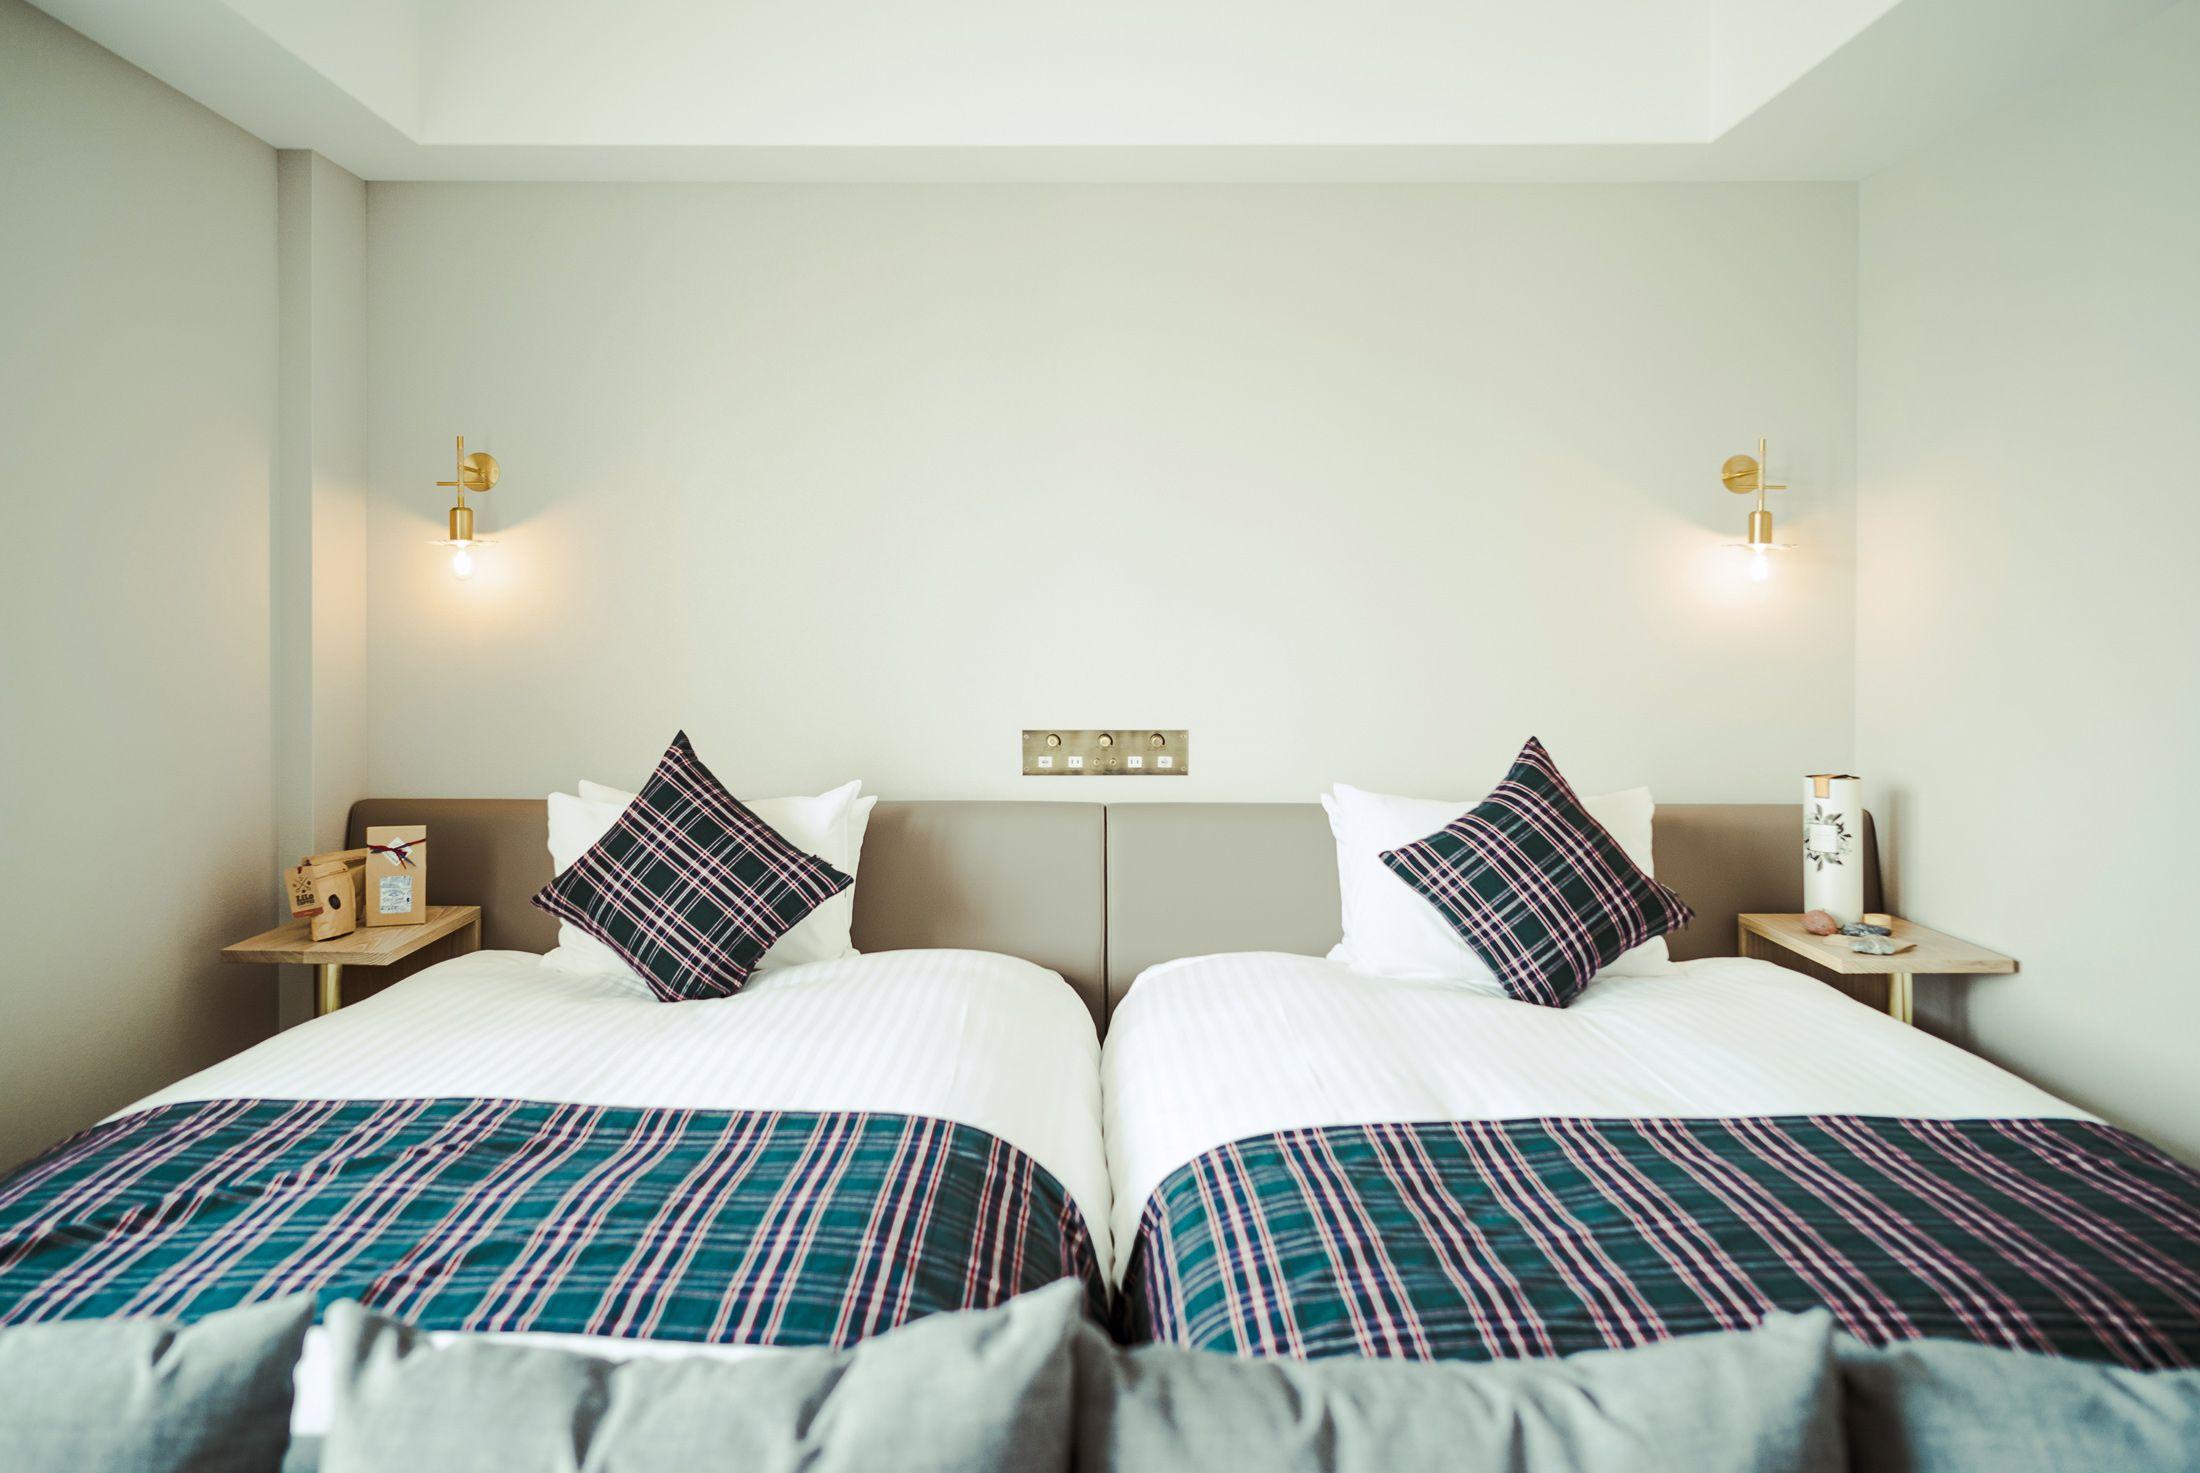 It Stay 公式 Hotel It Osaka Shinmachi 紡ぐ をコンセプトにしたライフスタイルホテル 模様替え インテリア 部屋